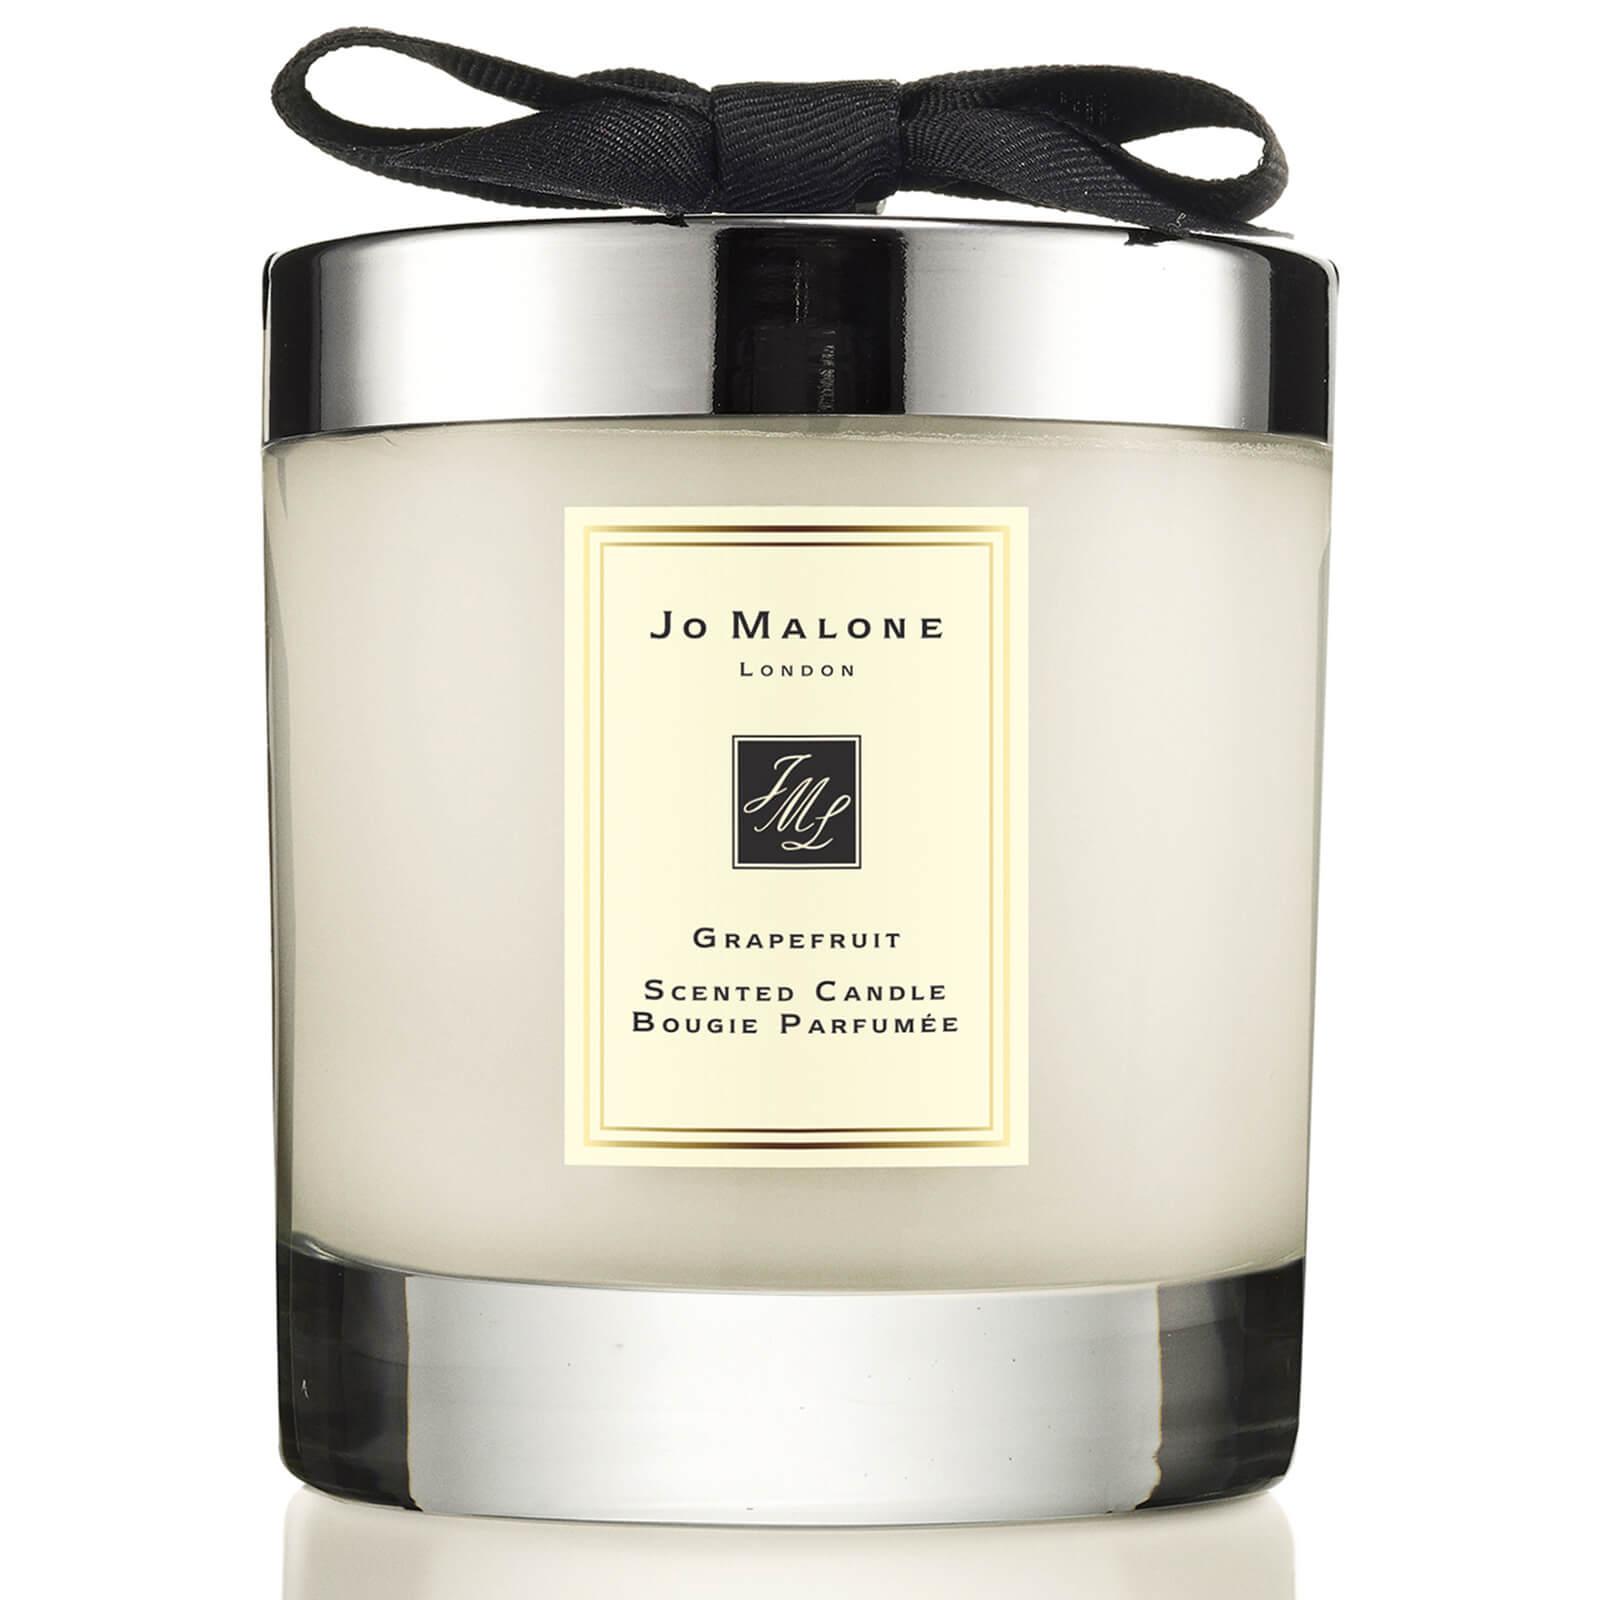 Jo Malone London Grapefruit Home Candle 200g